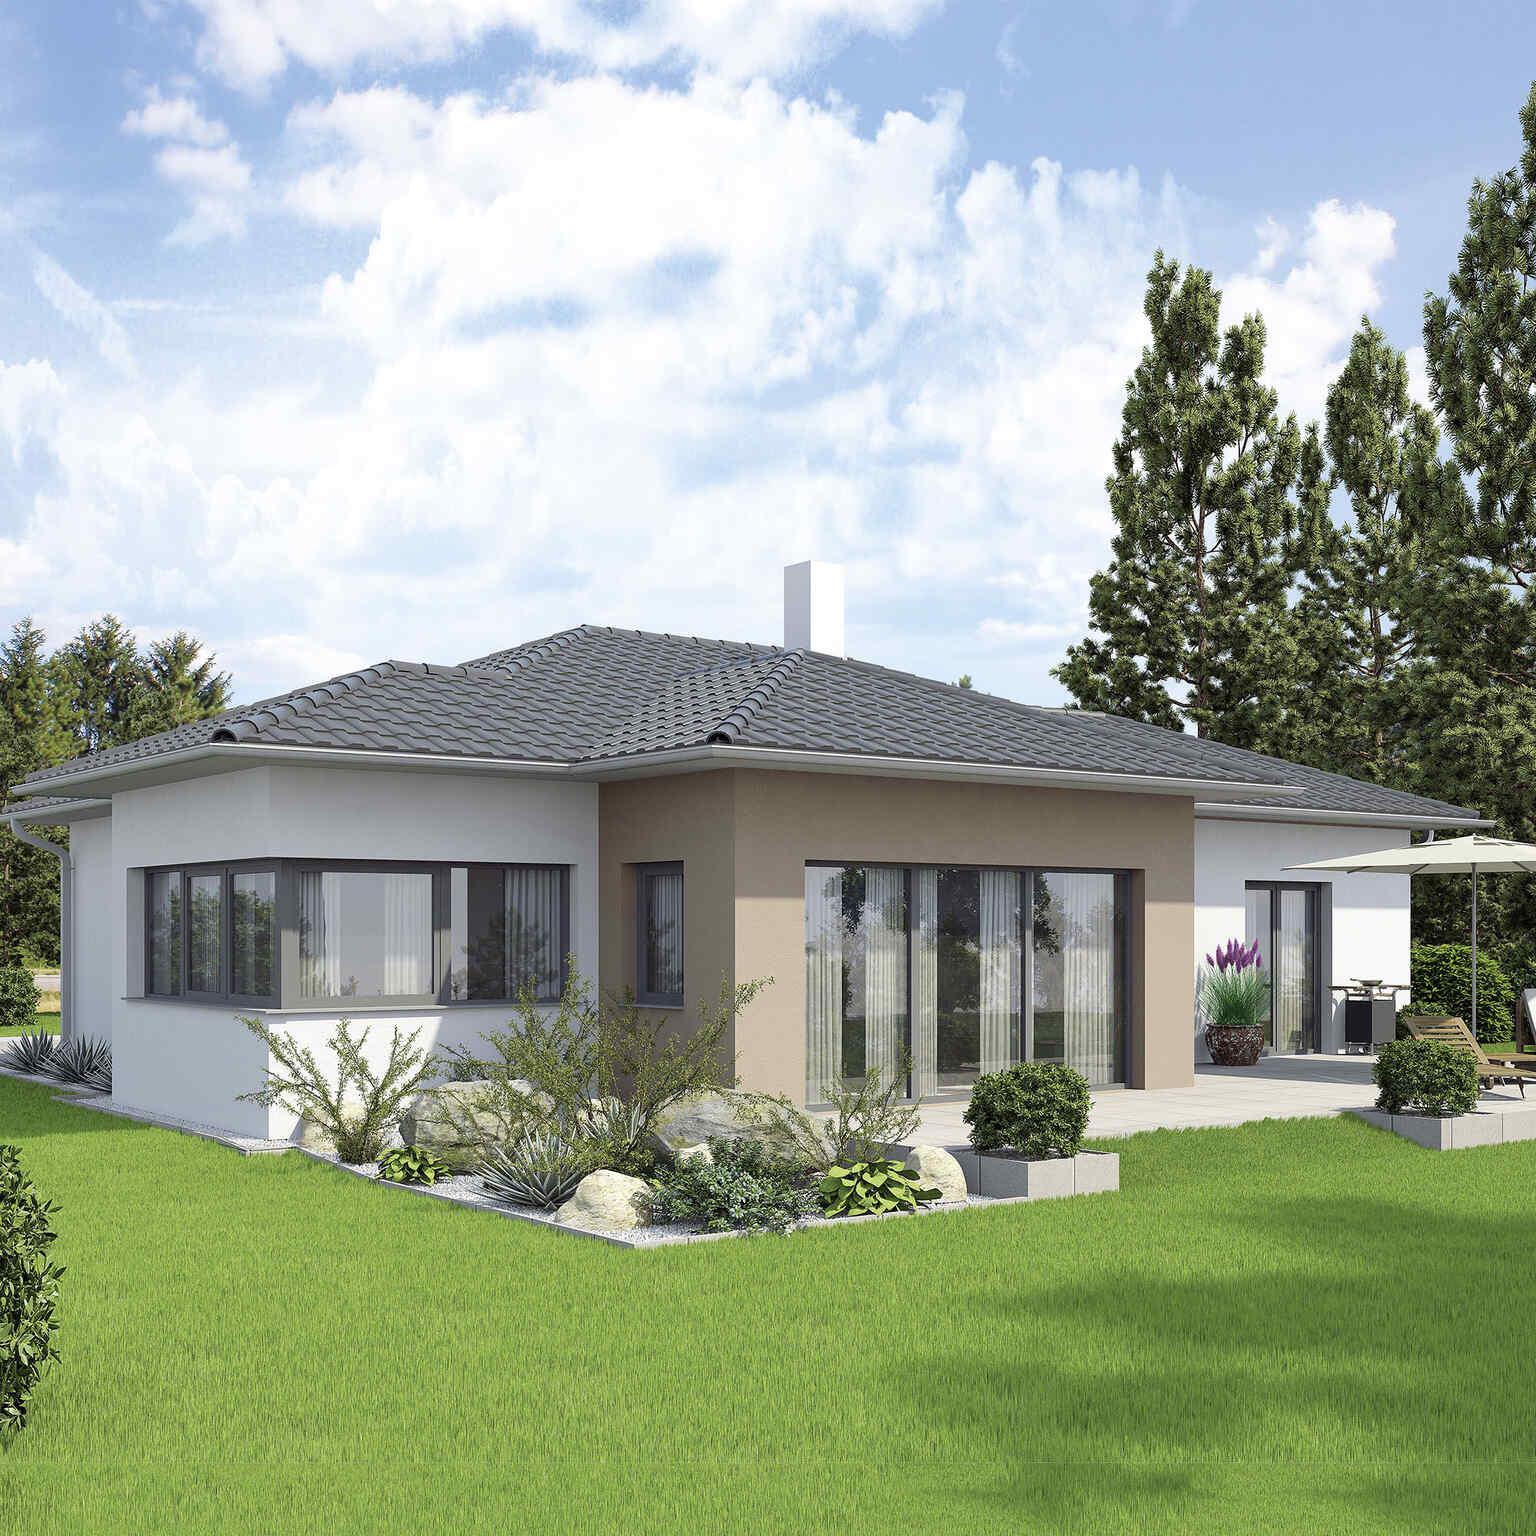 Linie Bungalow Neues Zuhause Vario Haus Fertigteilhauser